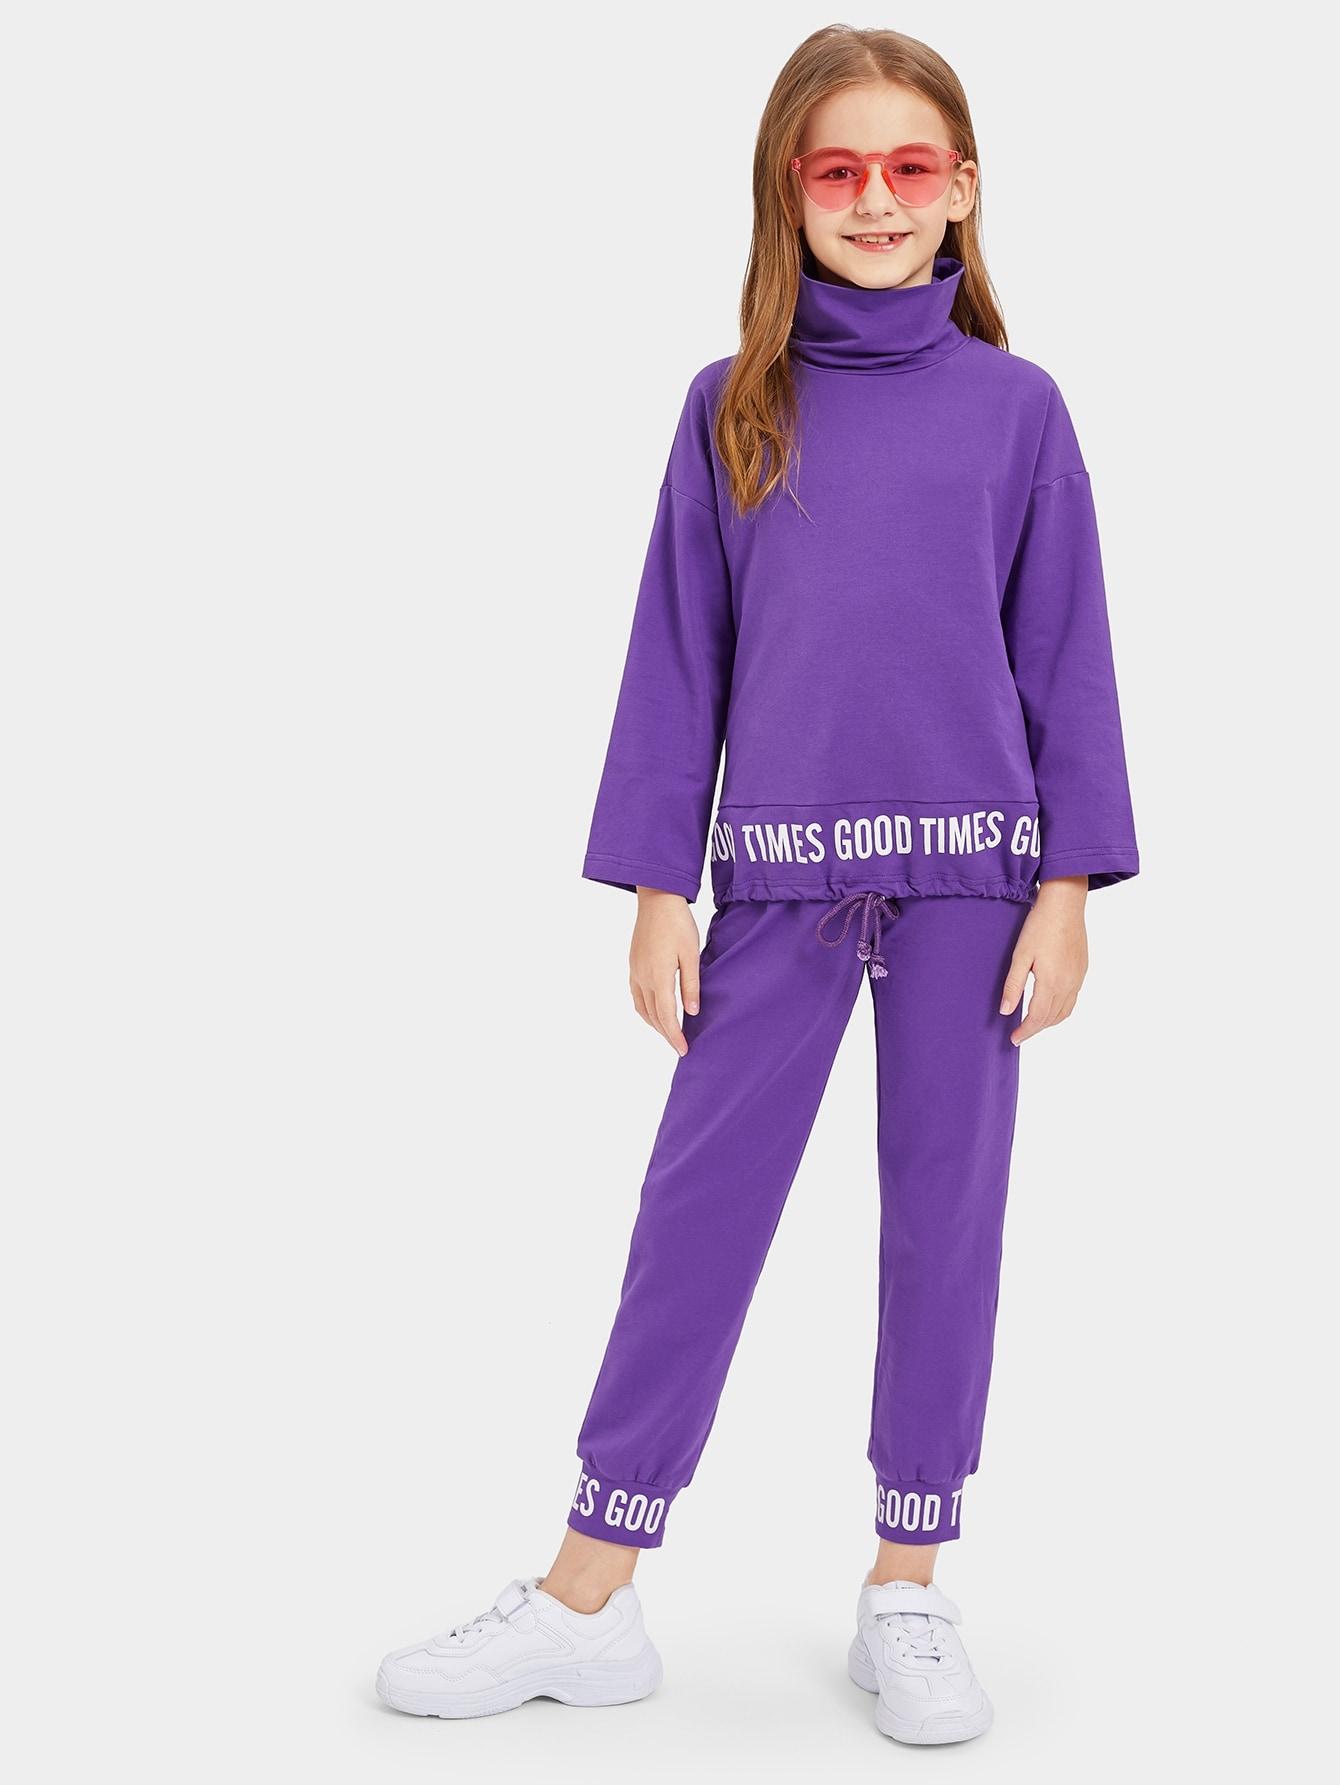 Топ с высоким вырезом и текстовым принтом и спортивные брюки для девочек от SheIn